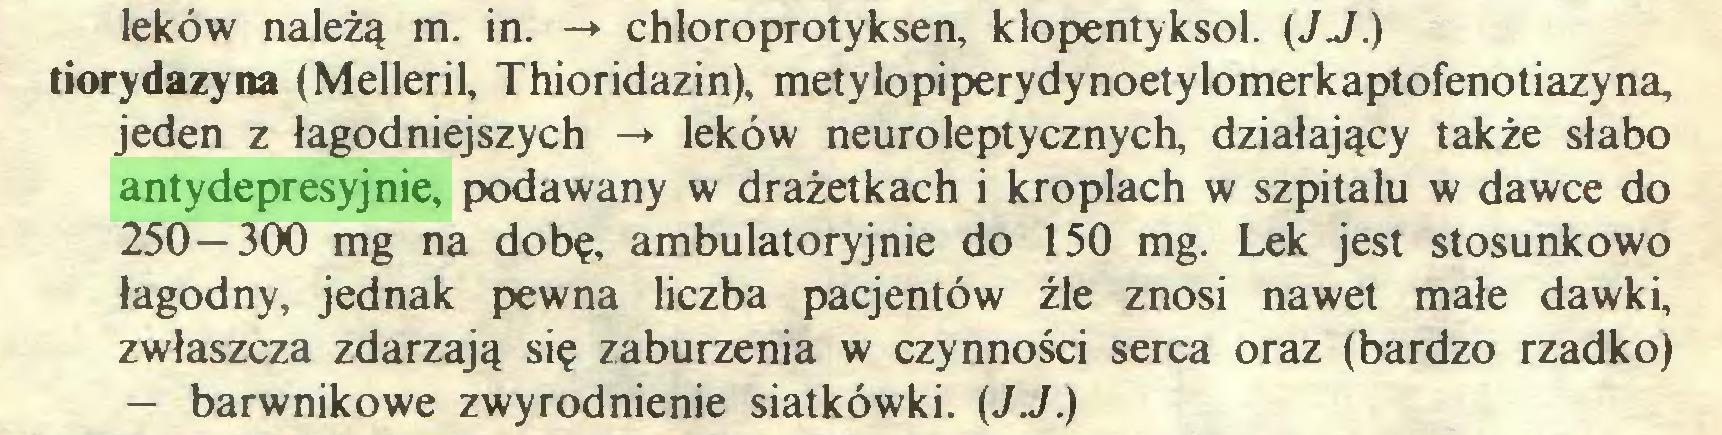 (...) leków należą m. in. -* chloroprotyksen, klopentyksol. (JJ.) tiorydazyna (Melleril, Thioridazin), metylopiperydynoetylomerkaptofenotiazyna, jeden z łagodniejszych -» leków neuroleptycznych, działający także słabo antydepresyjnie, podawany w drażetkach i kroplach w szpitalu w dawce do 250 — 300 mg na dobę, ambulatoryjnie do 150 mg. Lek jest stosunkowo łagodny, jednak pewna liczba pacjentów źle znosi nawet małe dawki, zwłaszcza zdarzają się zaburzenia w czynności serca oraz (bardzo rzadko) — barwnikowe zwyrodnienie siatkówki. {JJ.)...